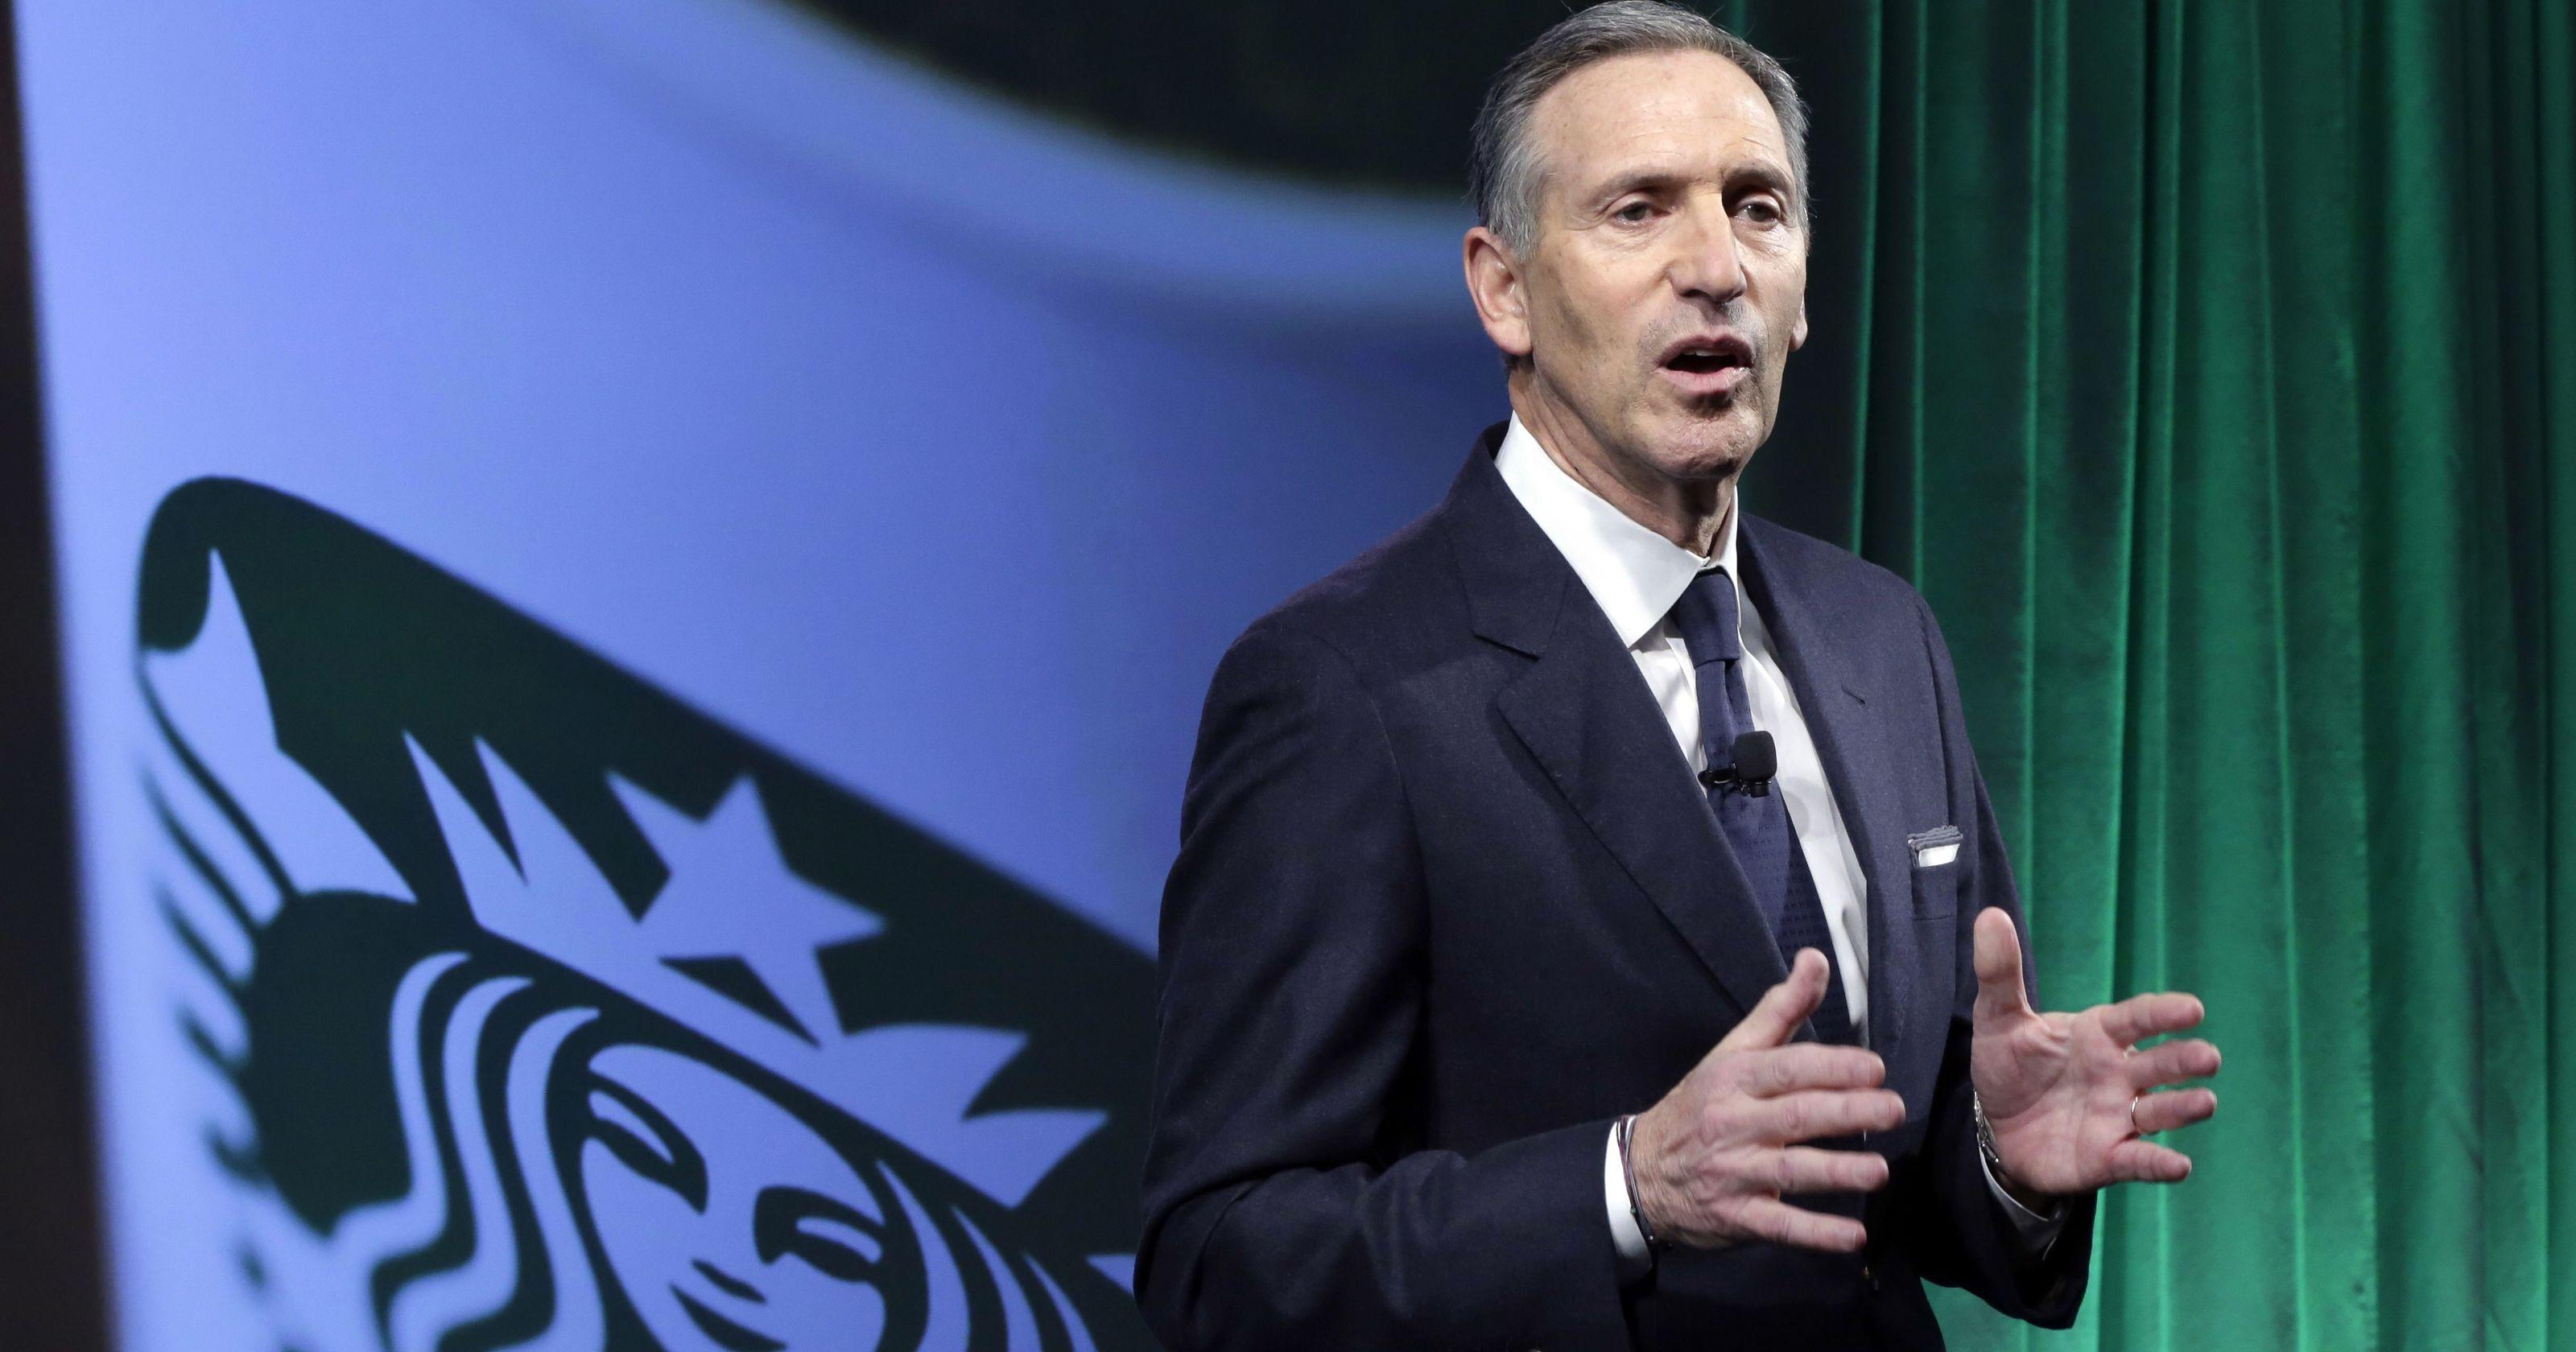 Howard Schultz: Democrats worry about ex-Starbucks CEO's bid